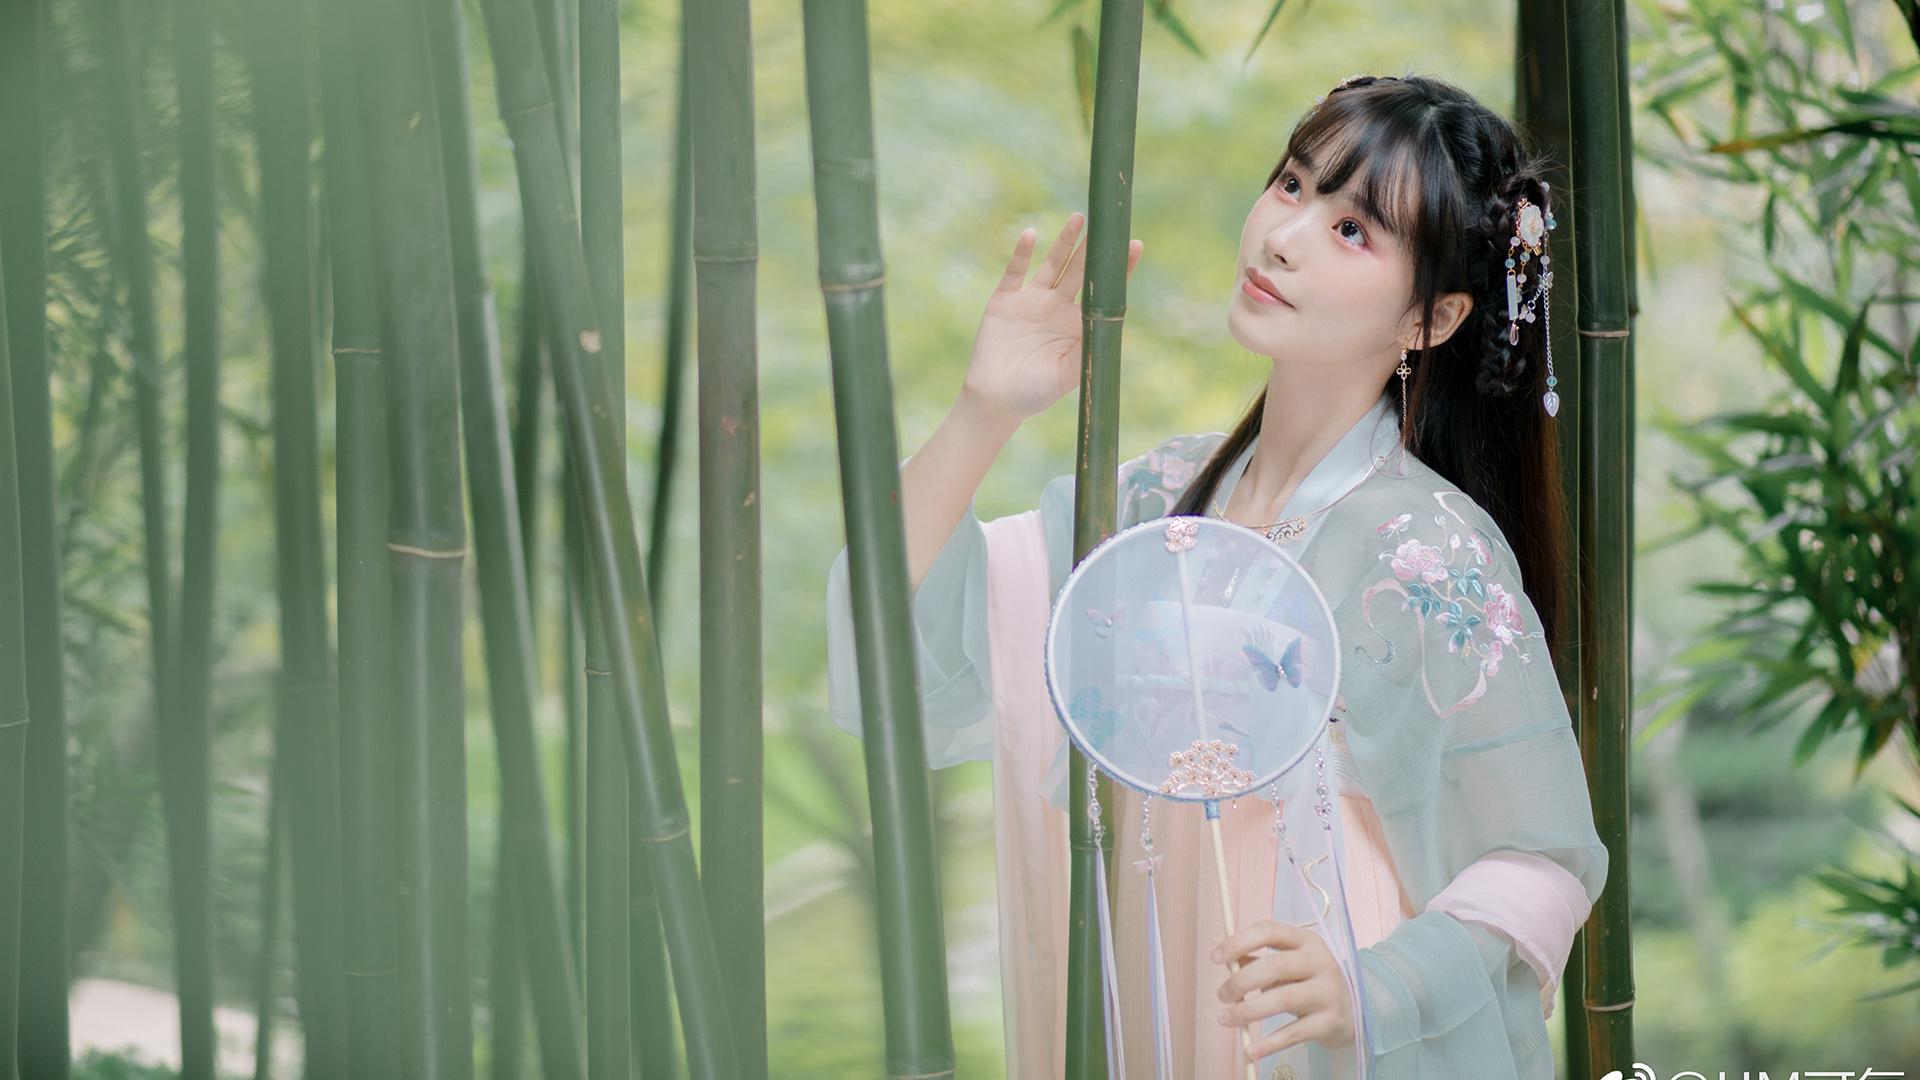 西野七濑美图:待到樱花烂漫时,她在丛中笑